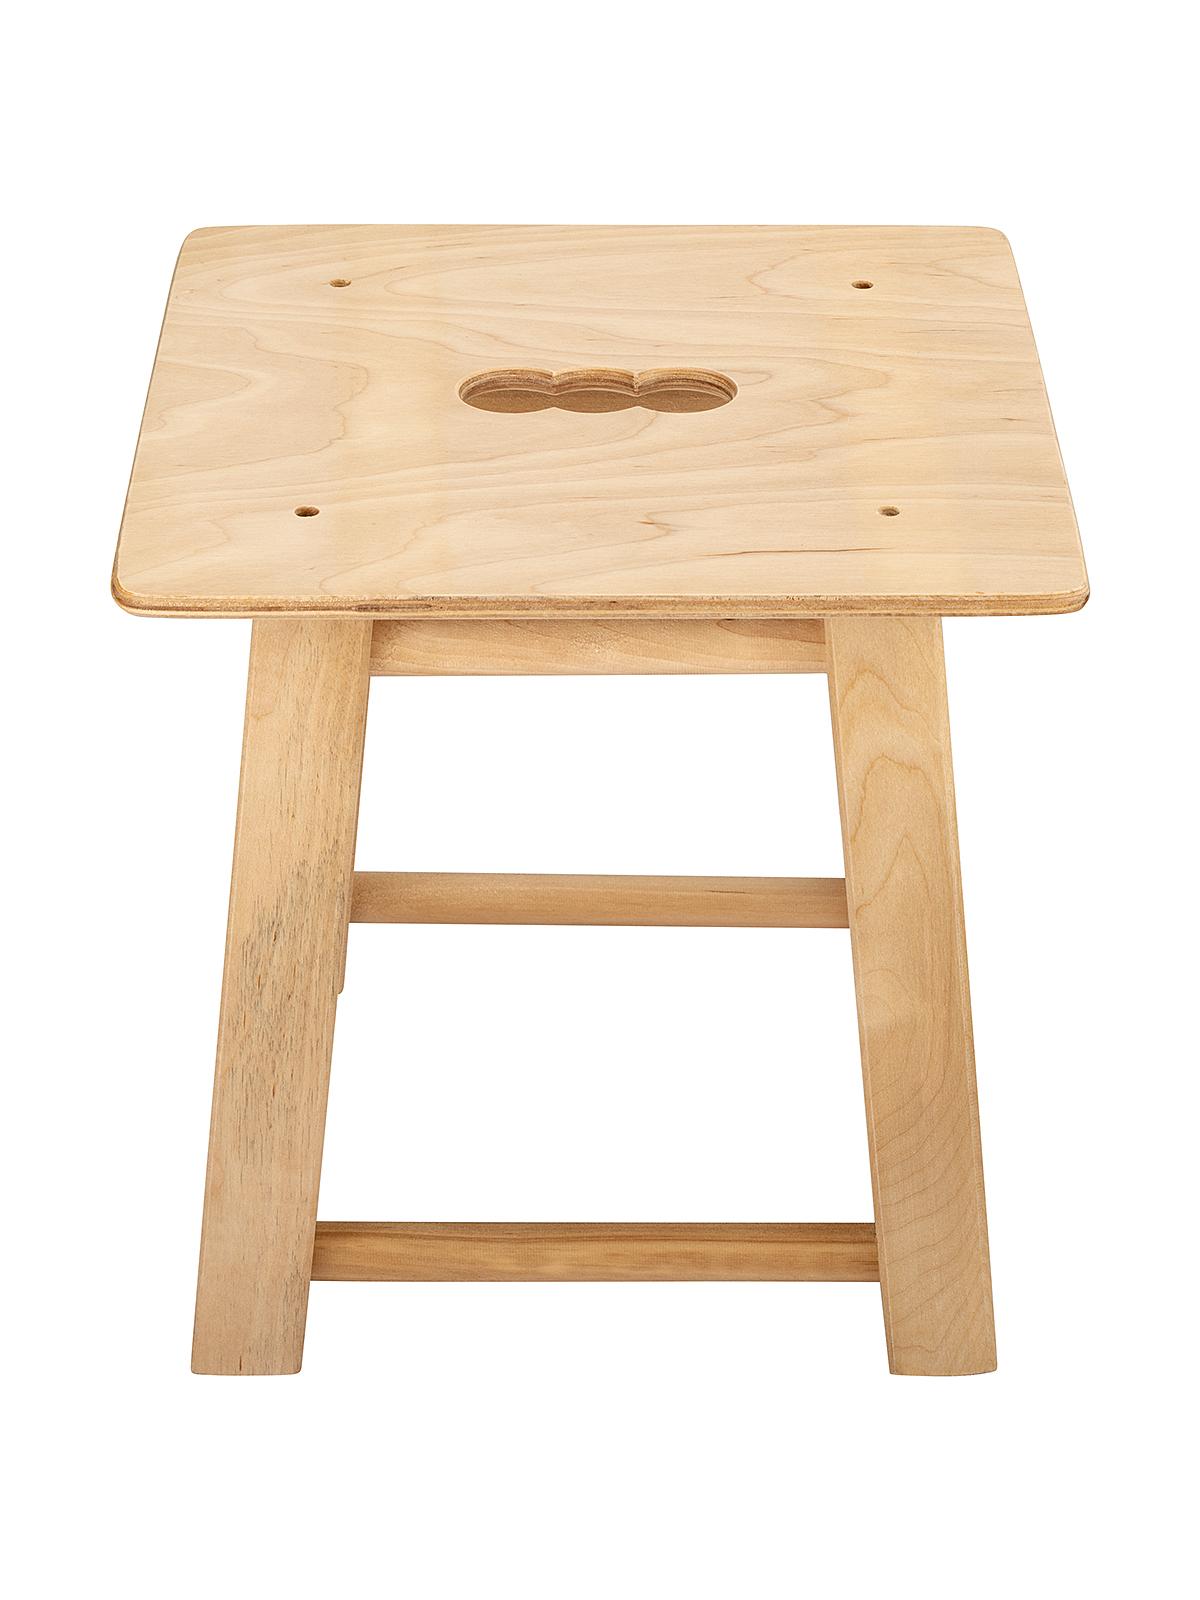 Табурет KETT-UP LOFT KINDER деревянный, лак